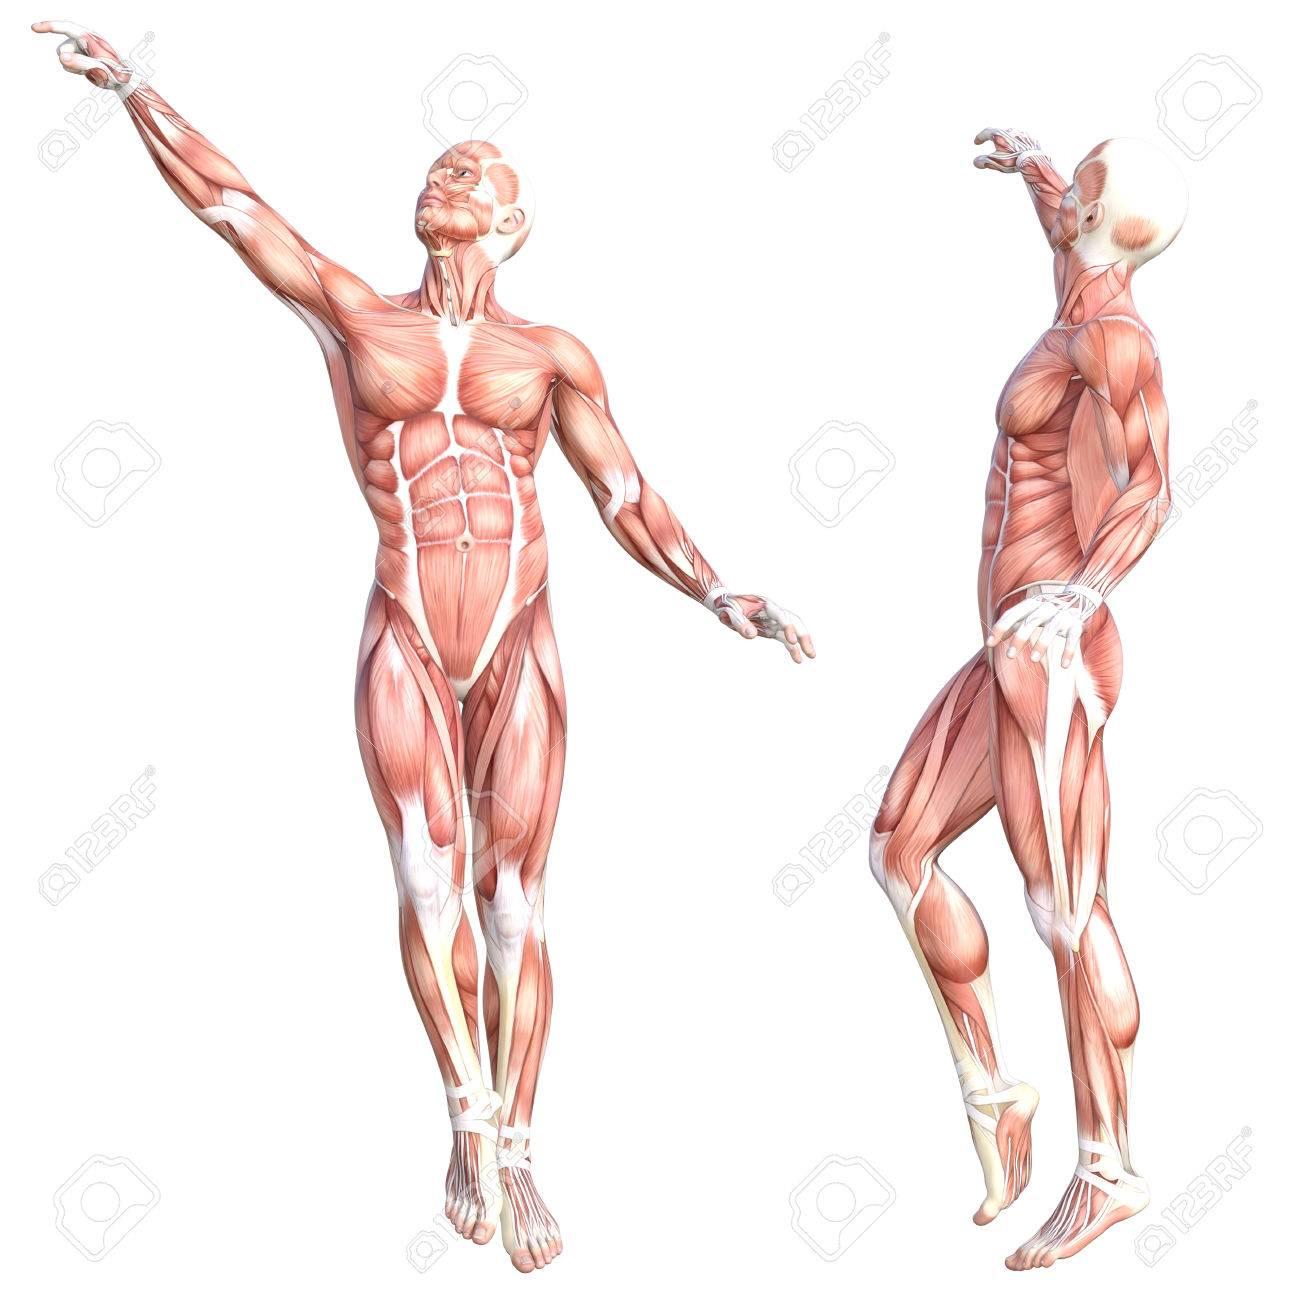 Moderno Anatomía Juego Muscular Embellecimiento - Imágenes de ...